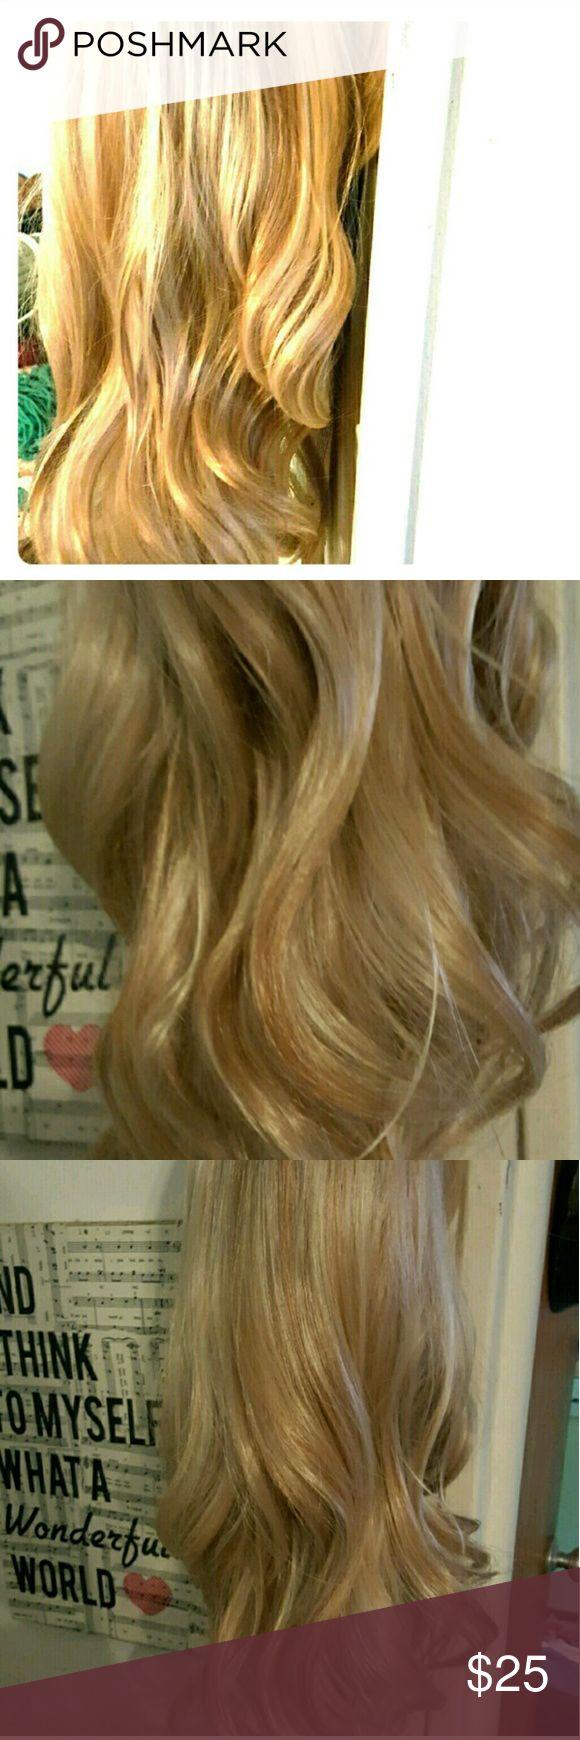 Strawberry blonde wig Strawberry blonde wig Accessories Hair Accessories